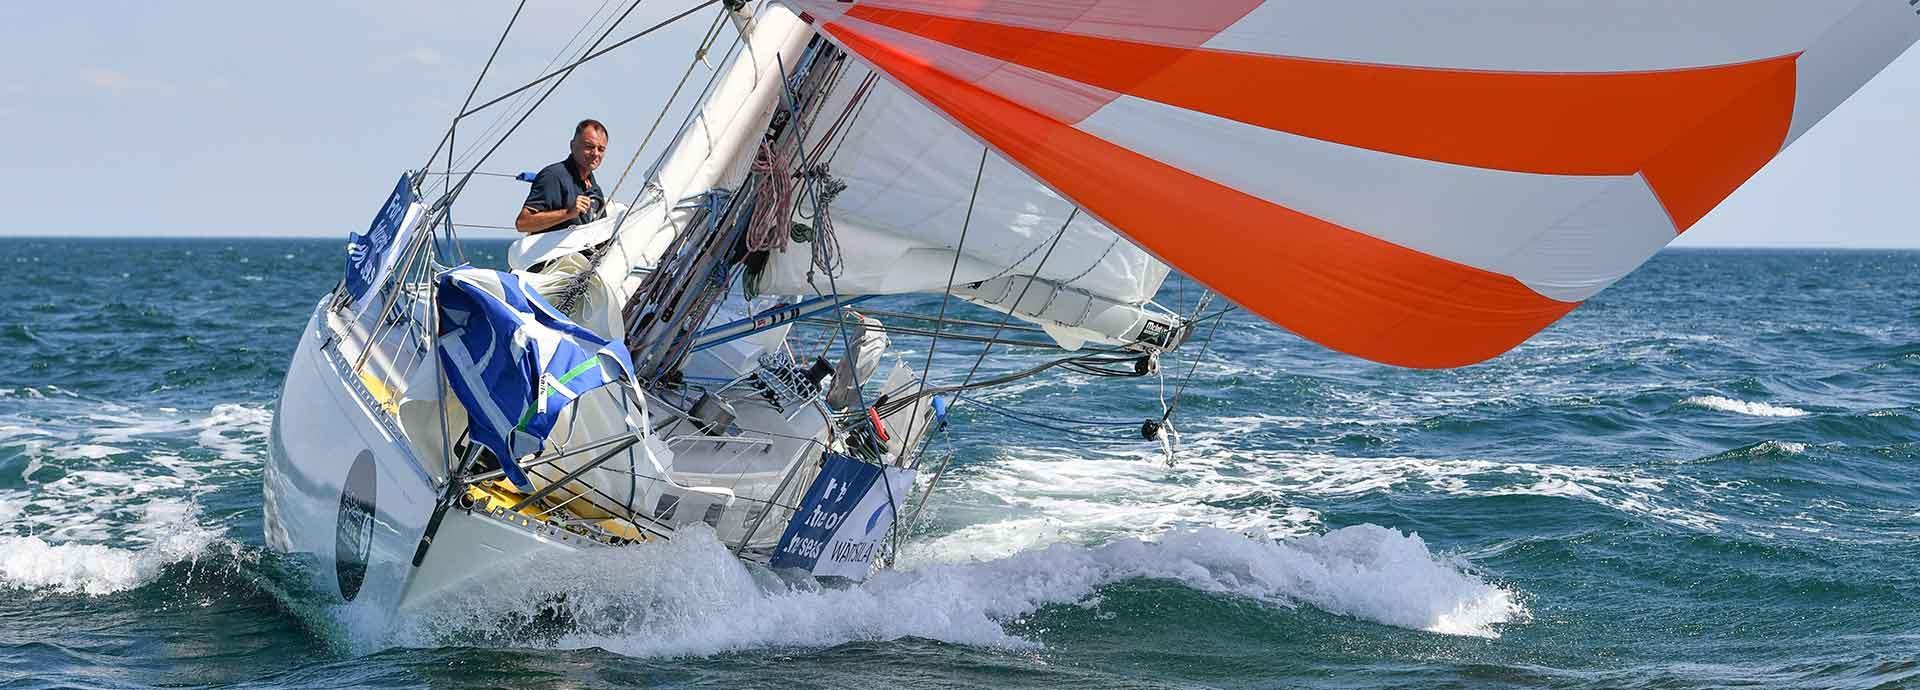 Sailing solo, retro style